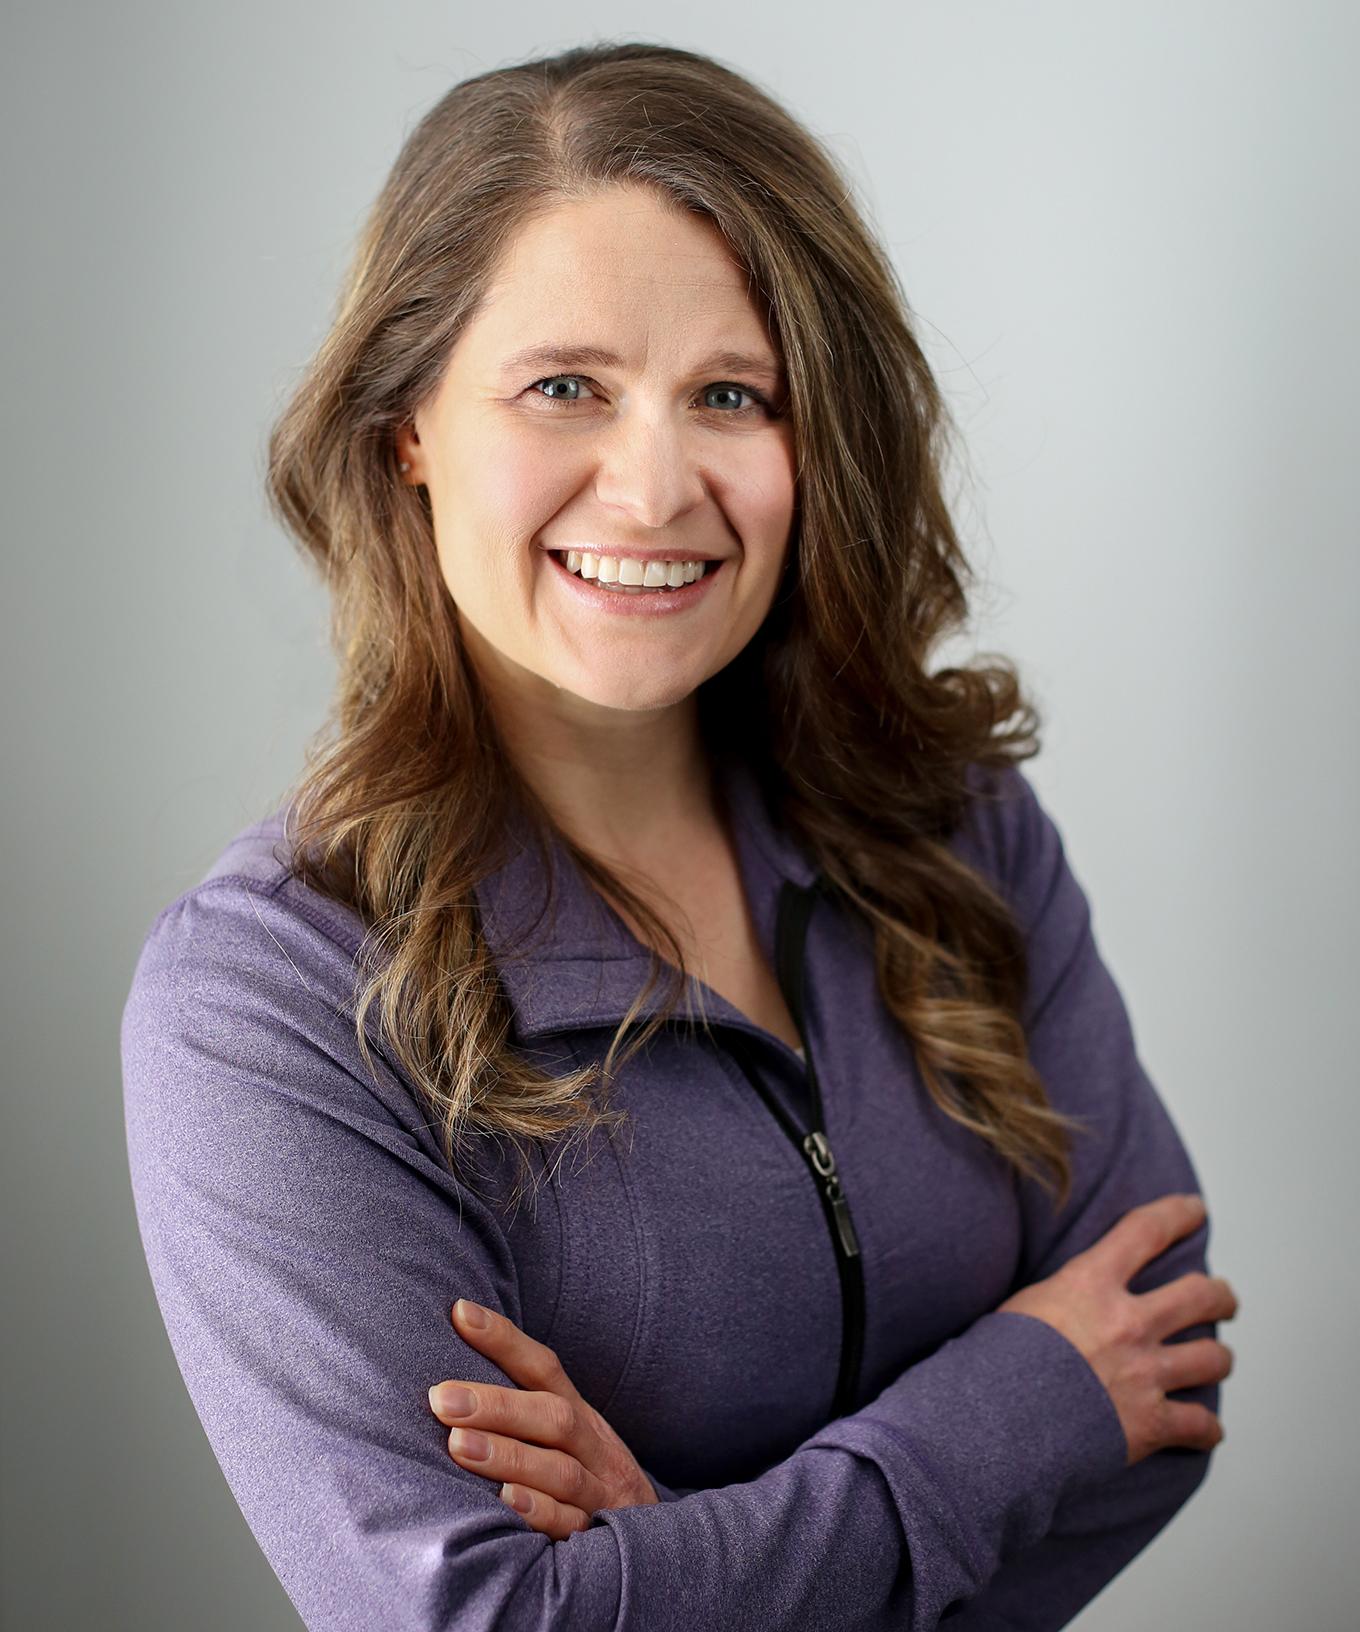 Rachel Gainer